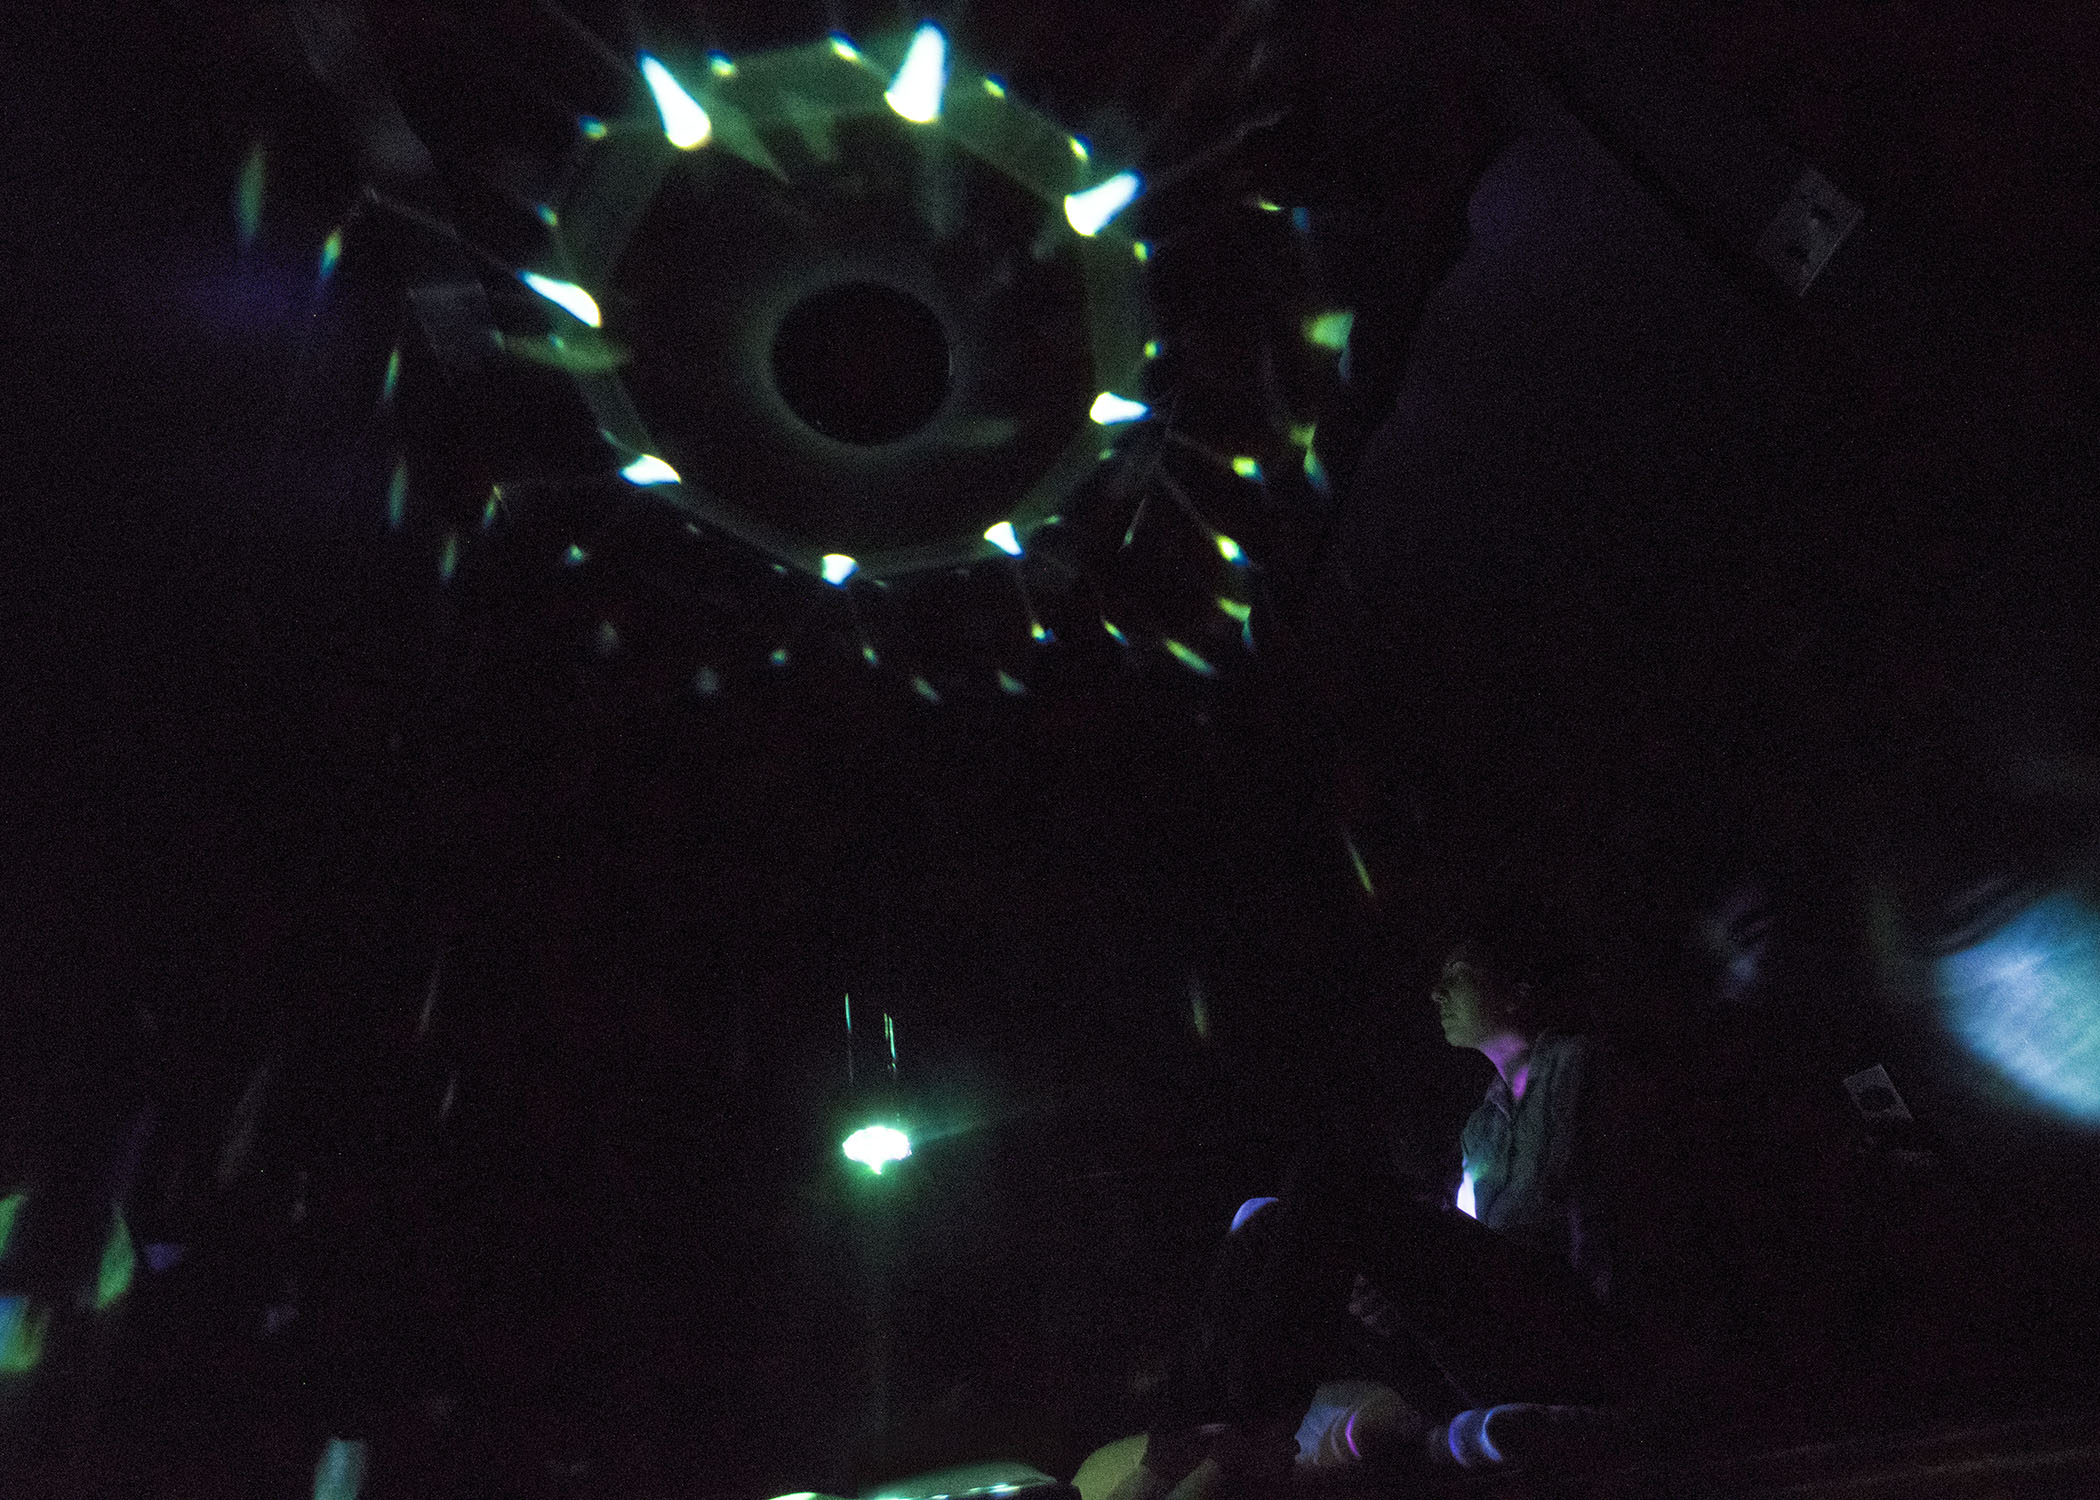 rkephart-lumen-obscura-2a.jpg